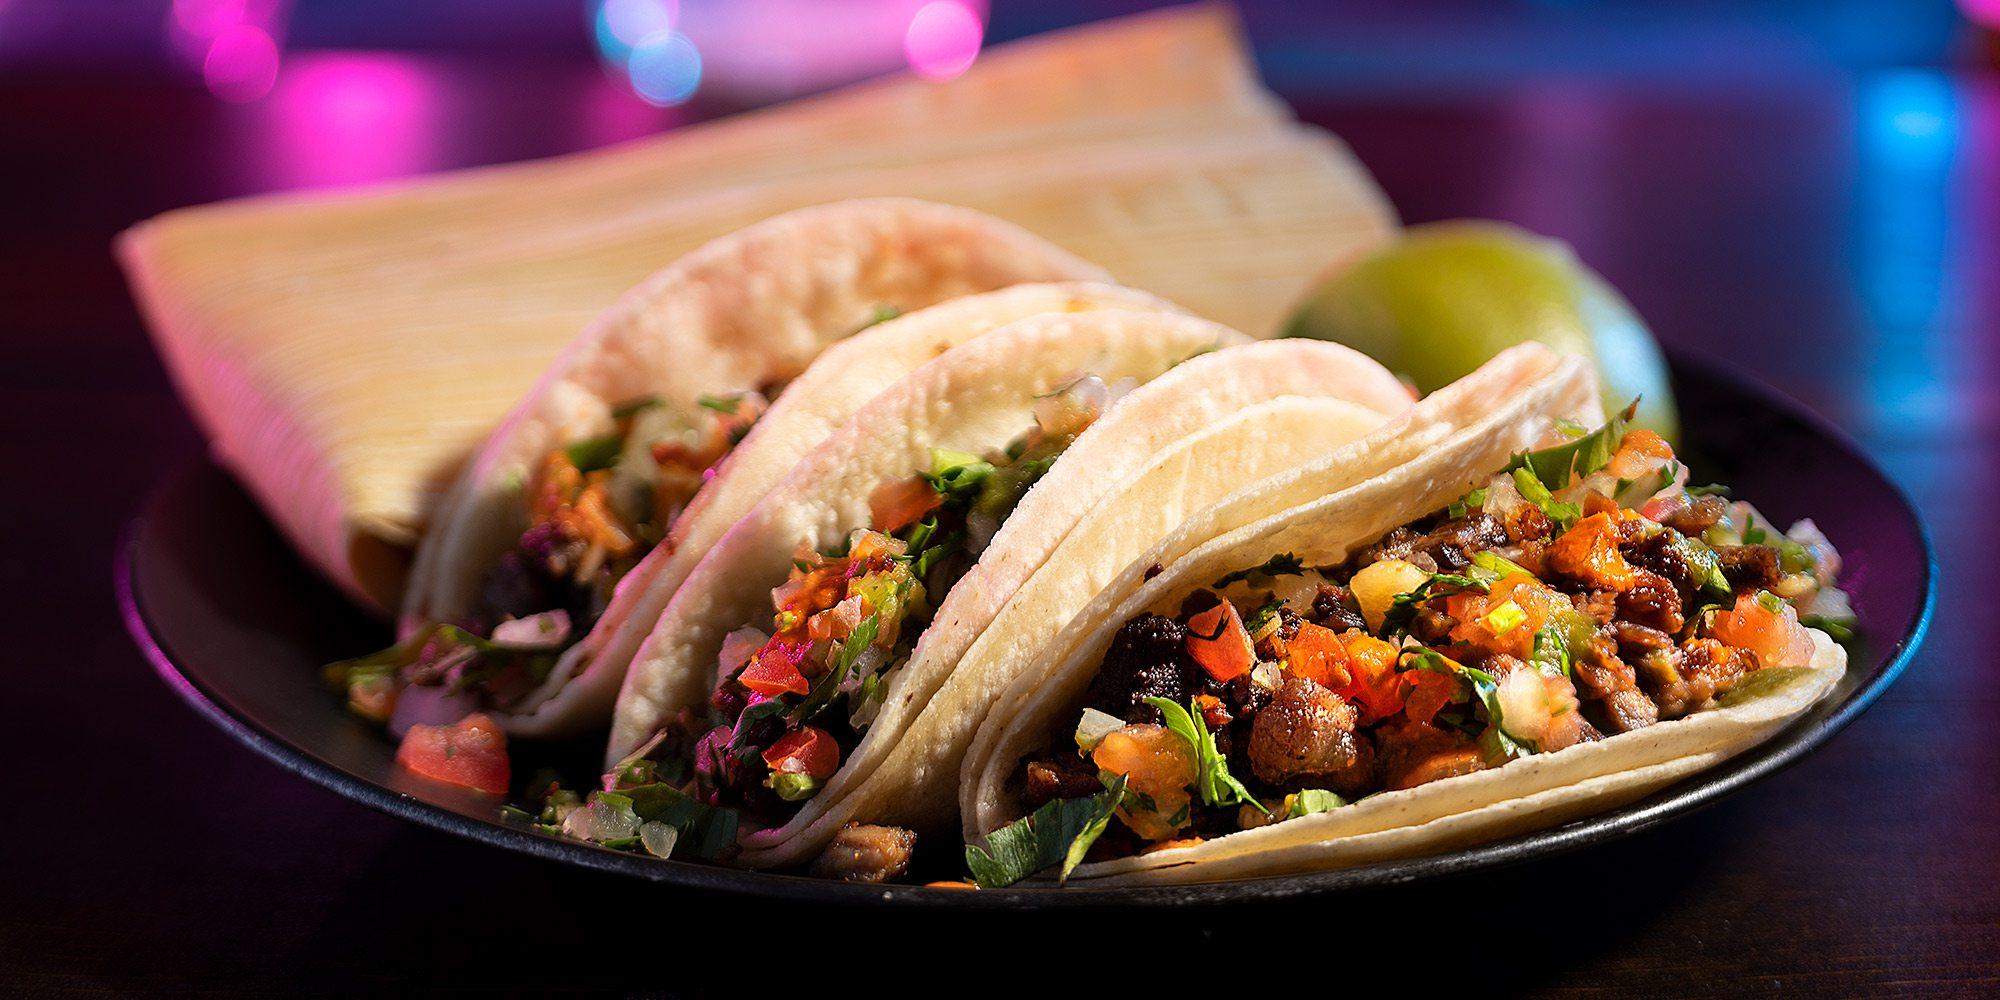 Carne Asada Taco & Tamales from Elotes Don Tono in Springfield, MO